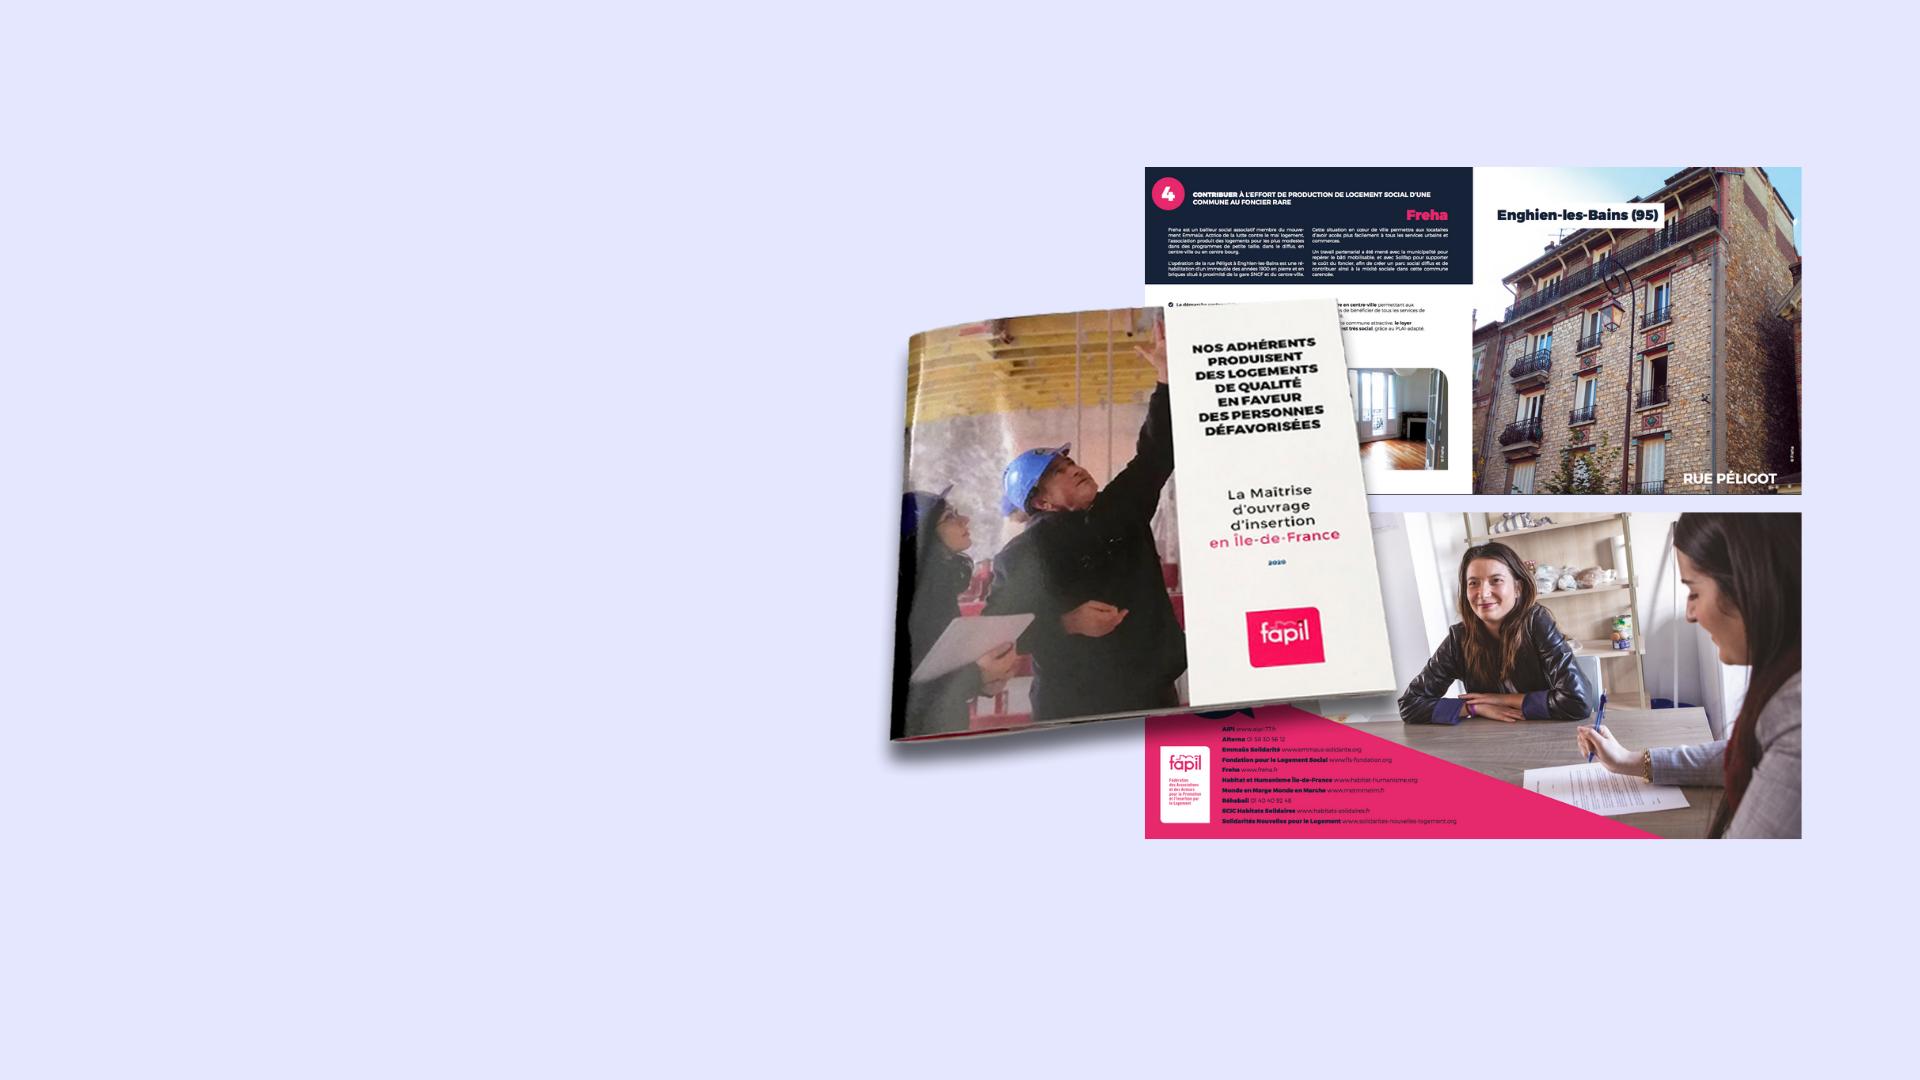 La Fapil édite un livret pour promouvoir la production de logements sociaux de qualité pour personnes modestes en Île-de-France grâce aux associations